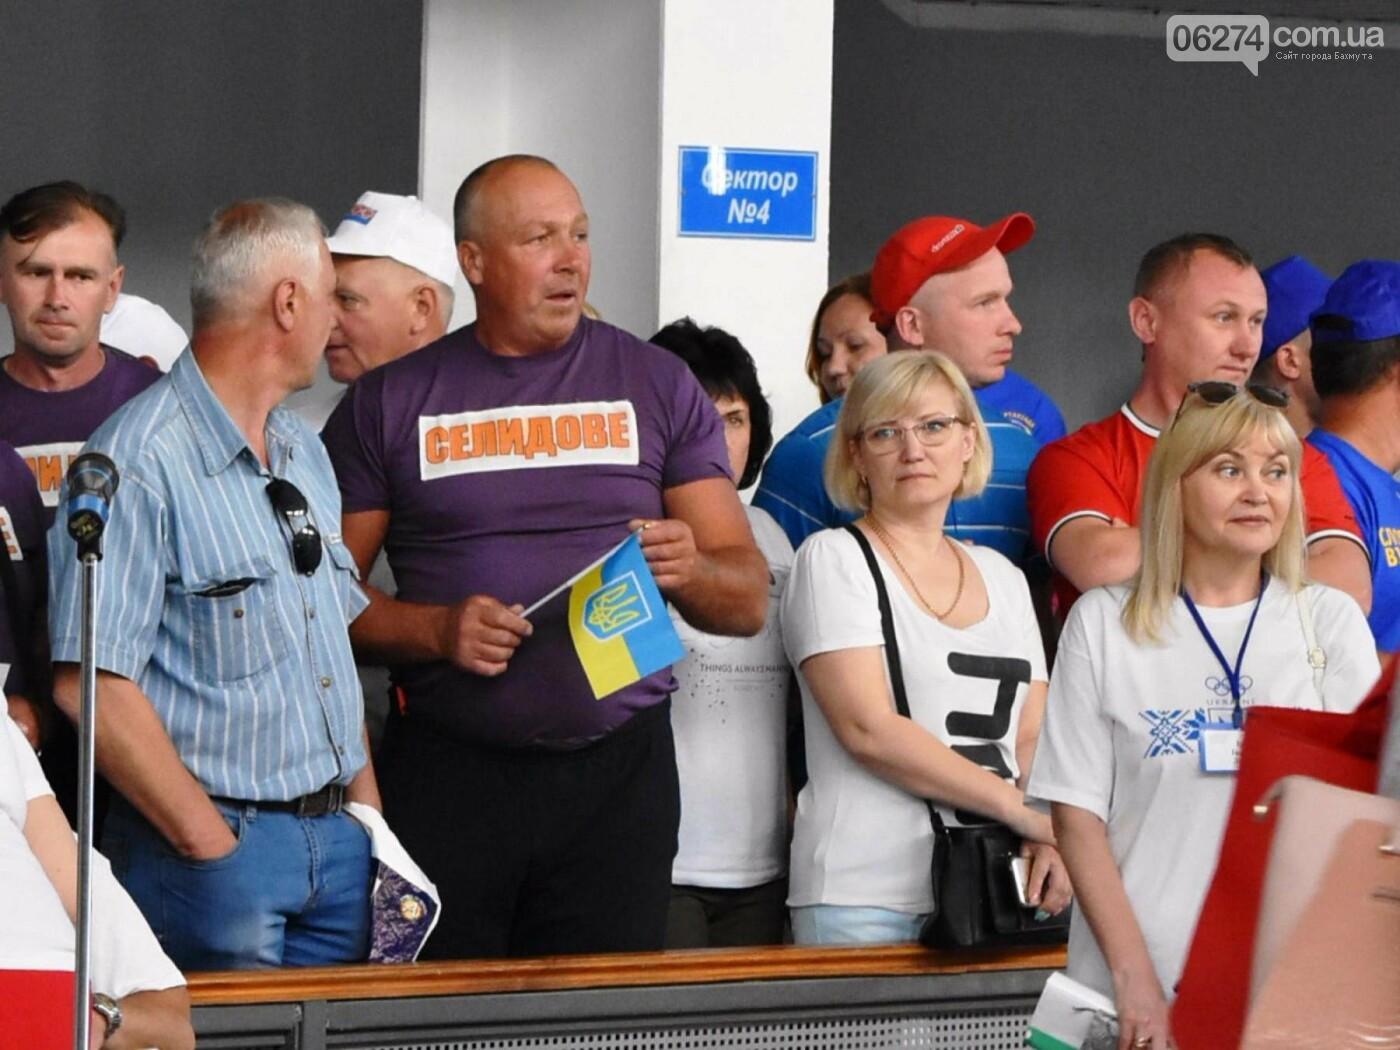 Бахмут четвертый раз принял всеукраинскую спартакиаду «Сила духа», фото-3